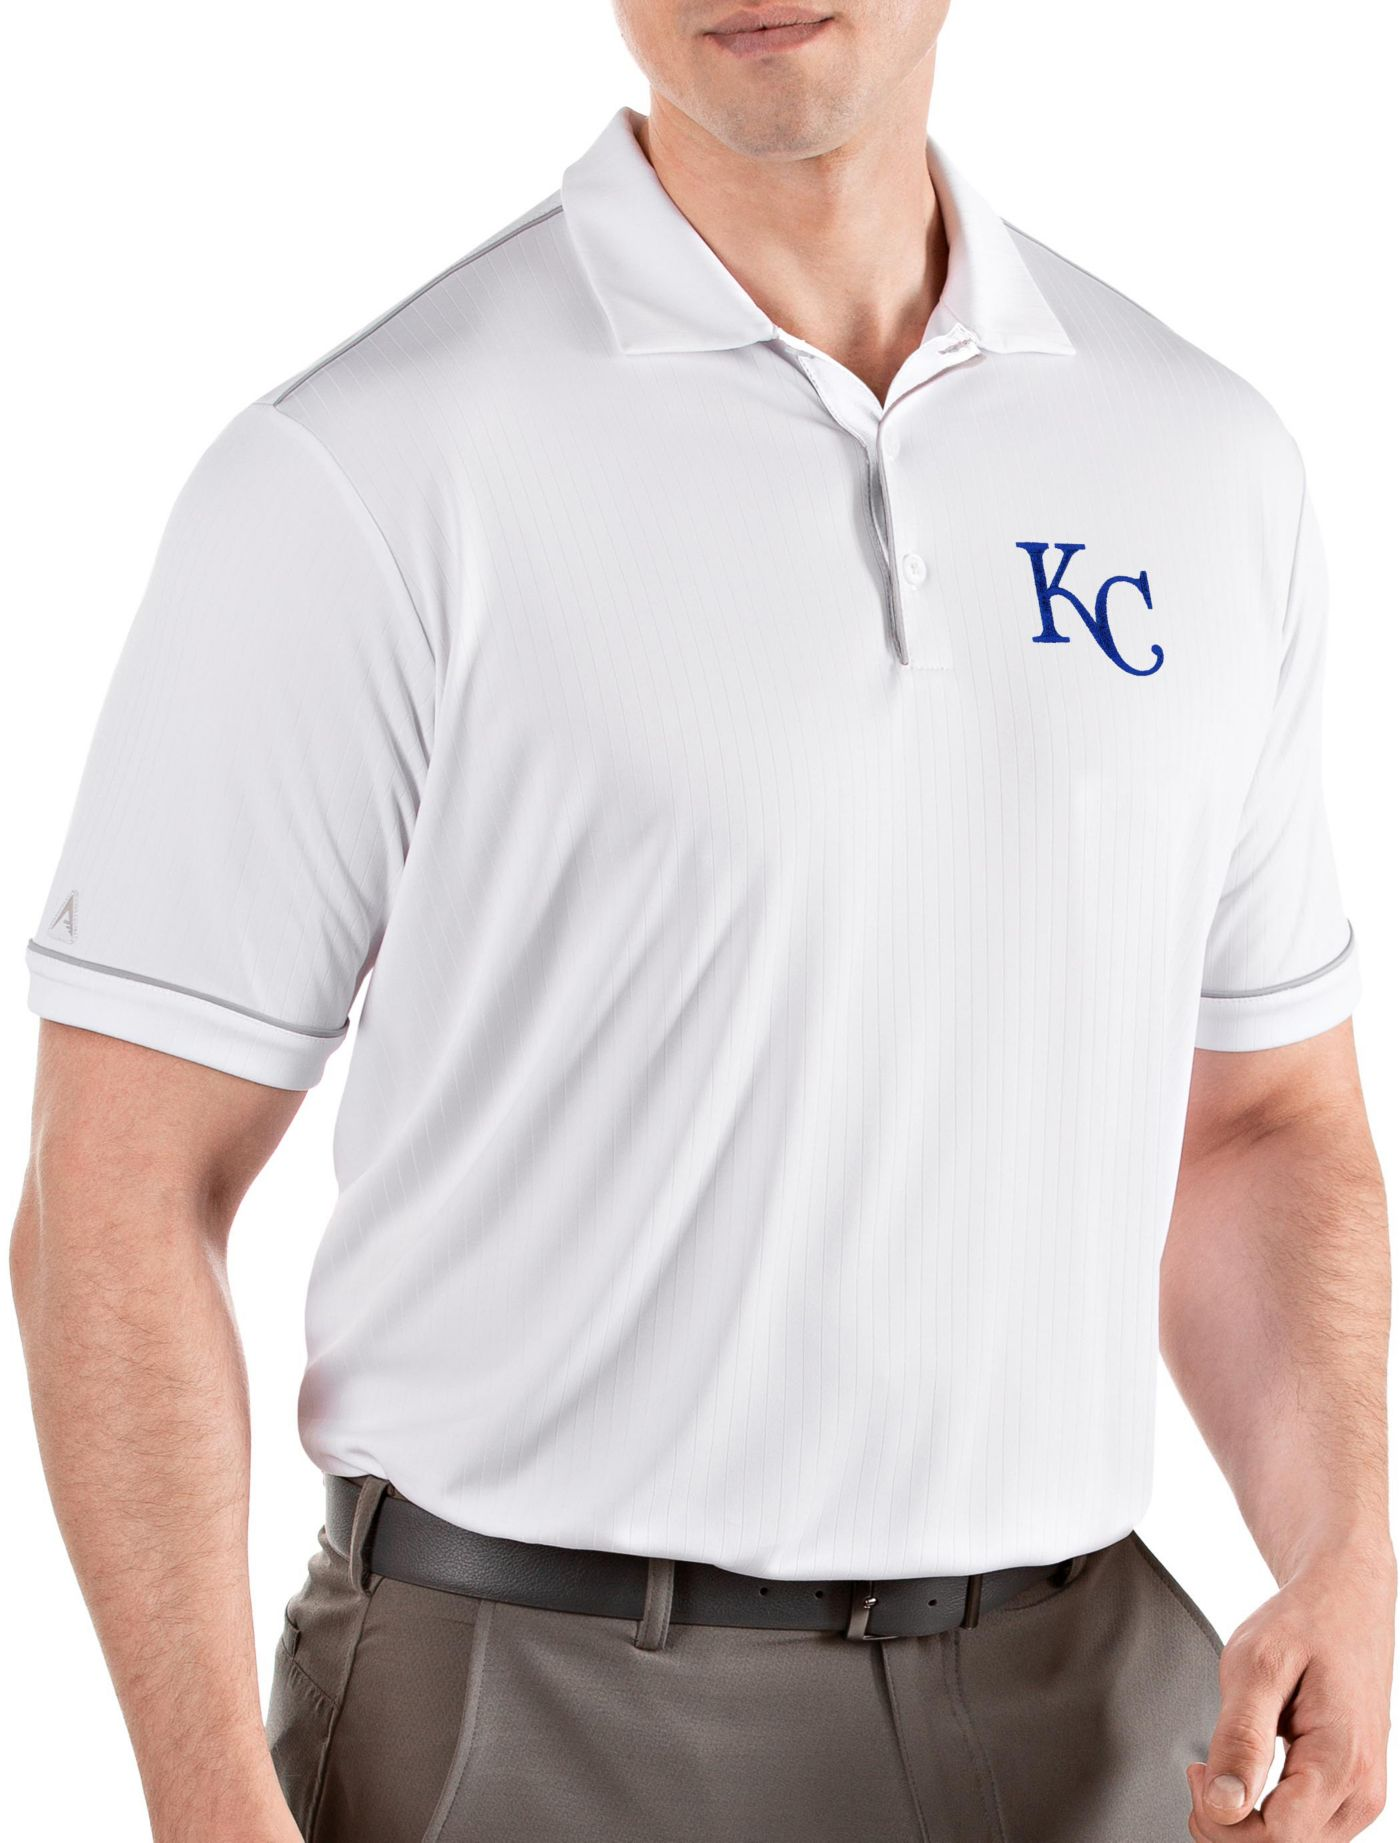 Antigua Men's Kansas City Royals Salute White Performance Polo